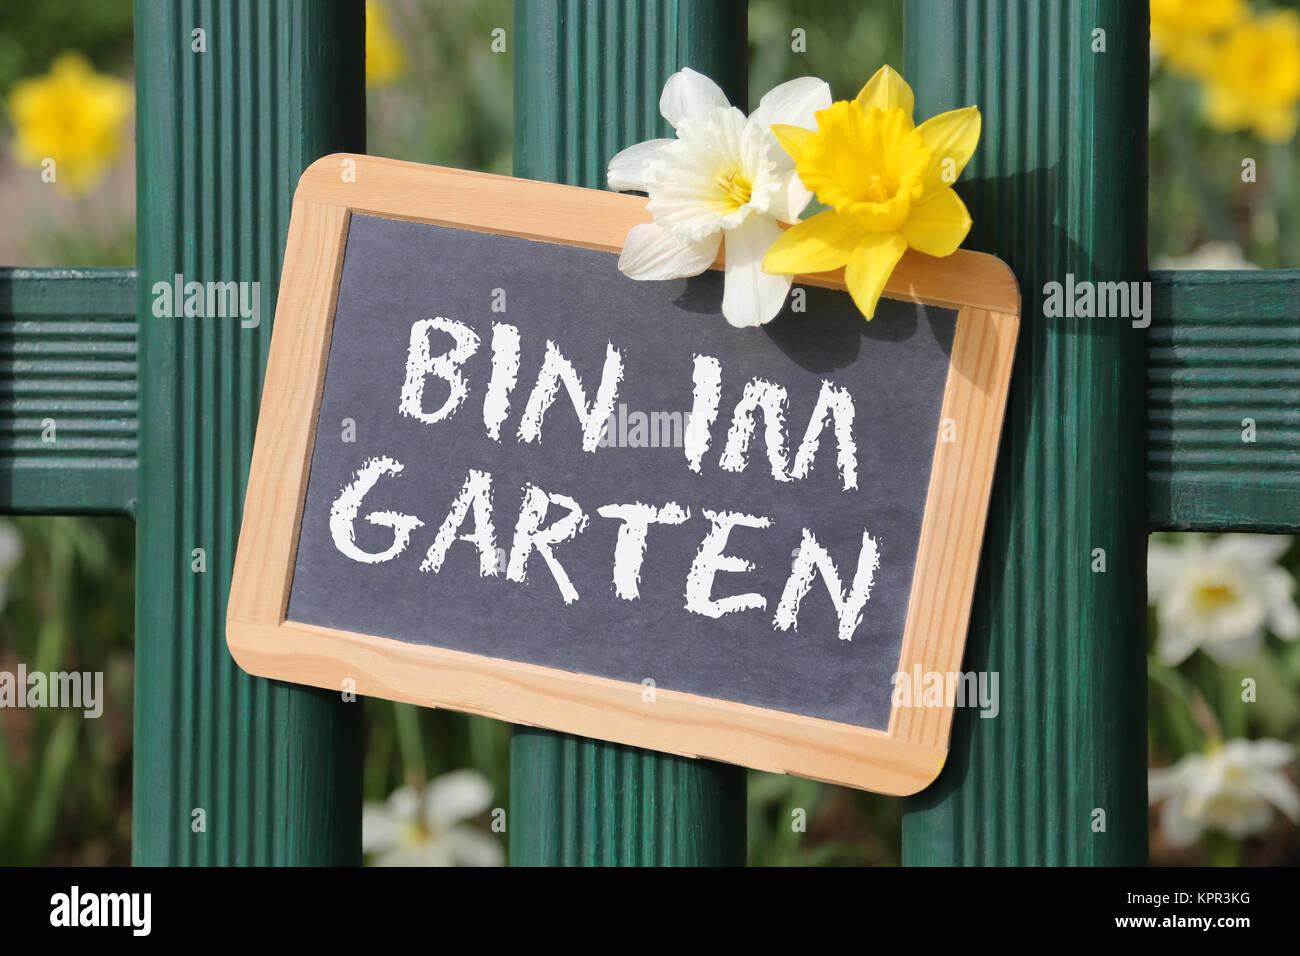 Bin Ich Im Garten Stockfotos Bin Ich Im Garten Bilder Alamy